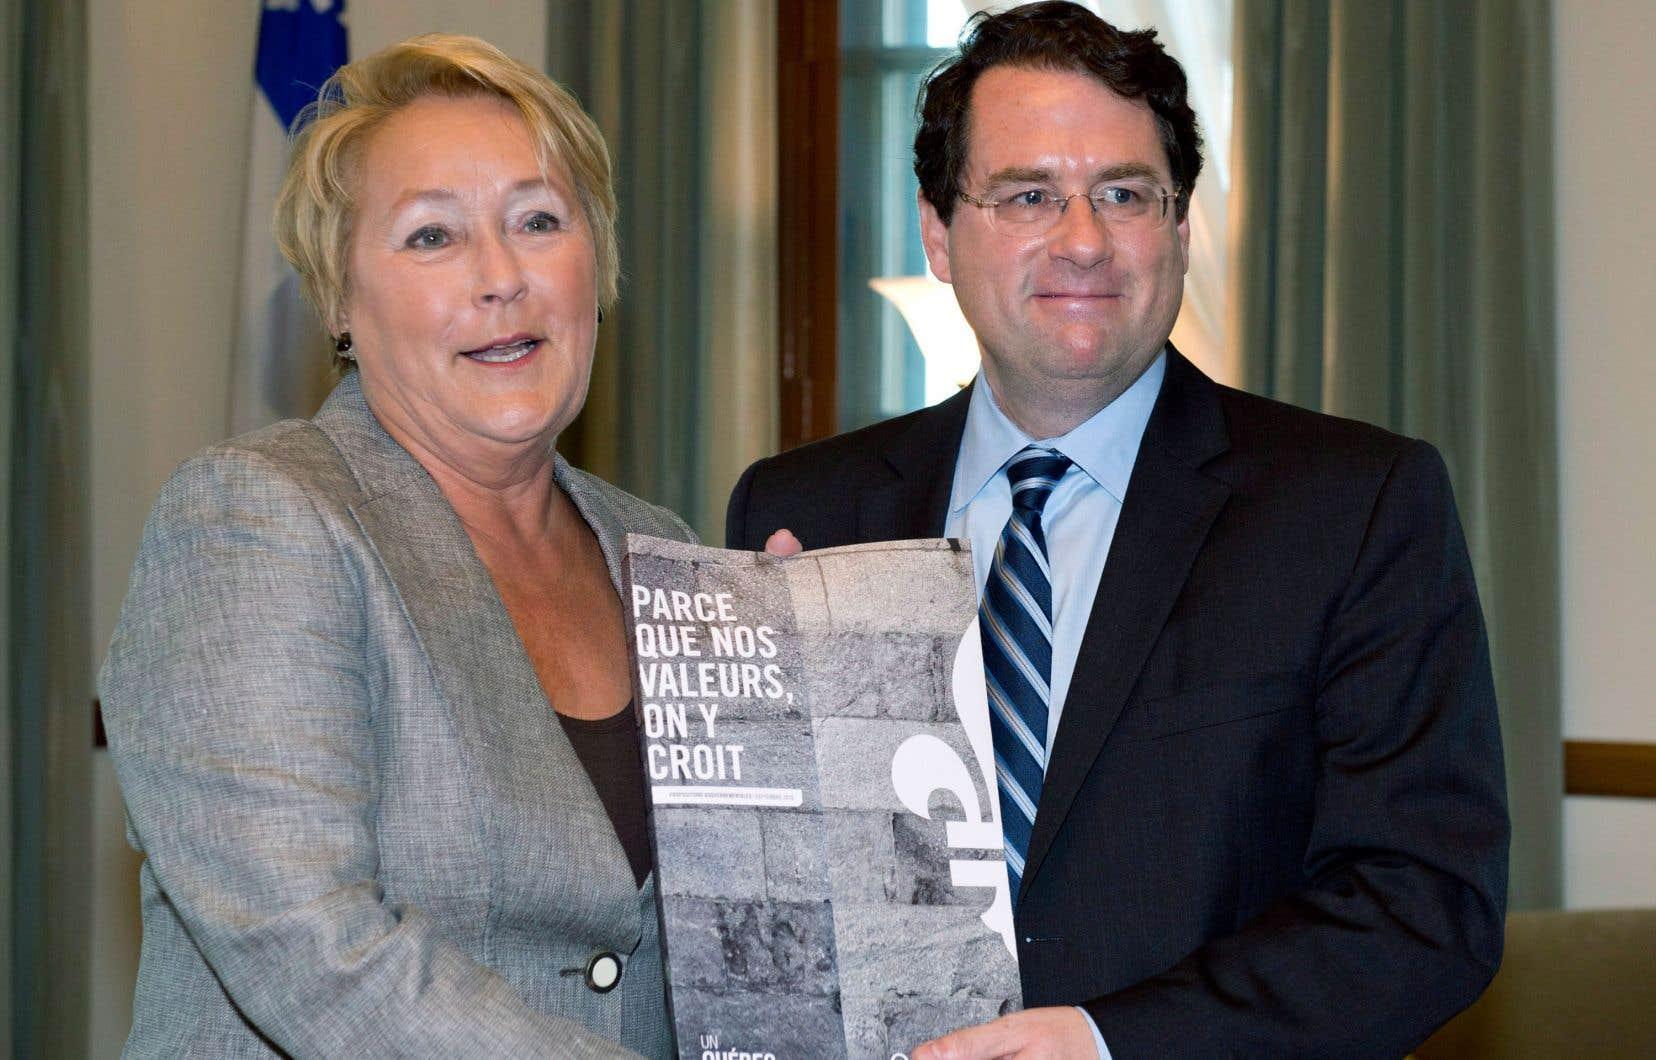 Le réseau RAPS a mené une enquête dans la foulée du projet de charte des valeurs du Parti québécois en 2013.